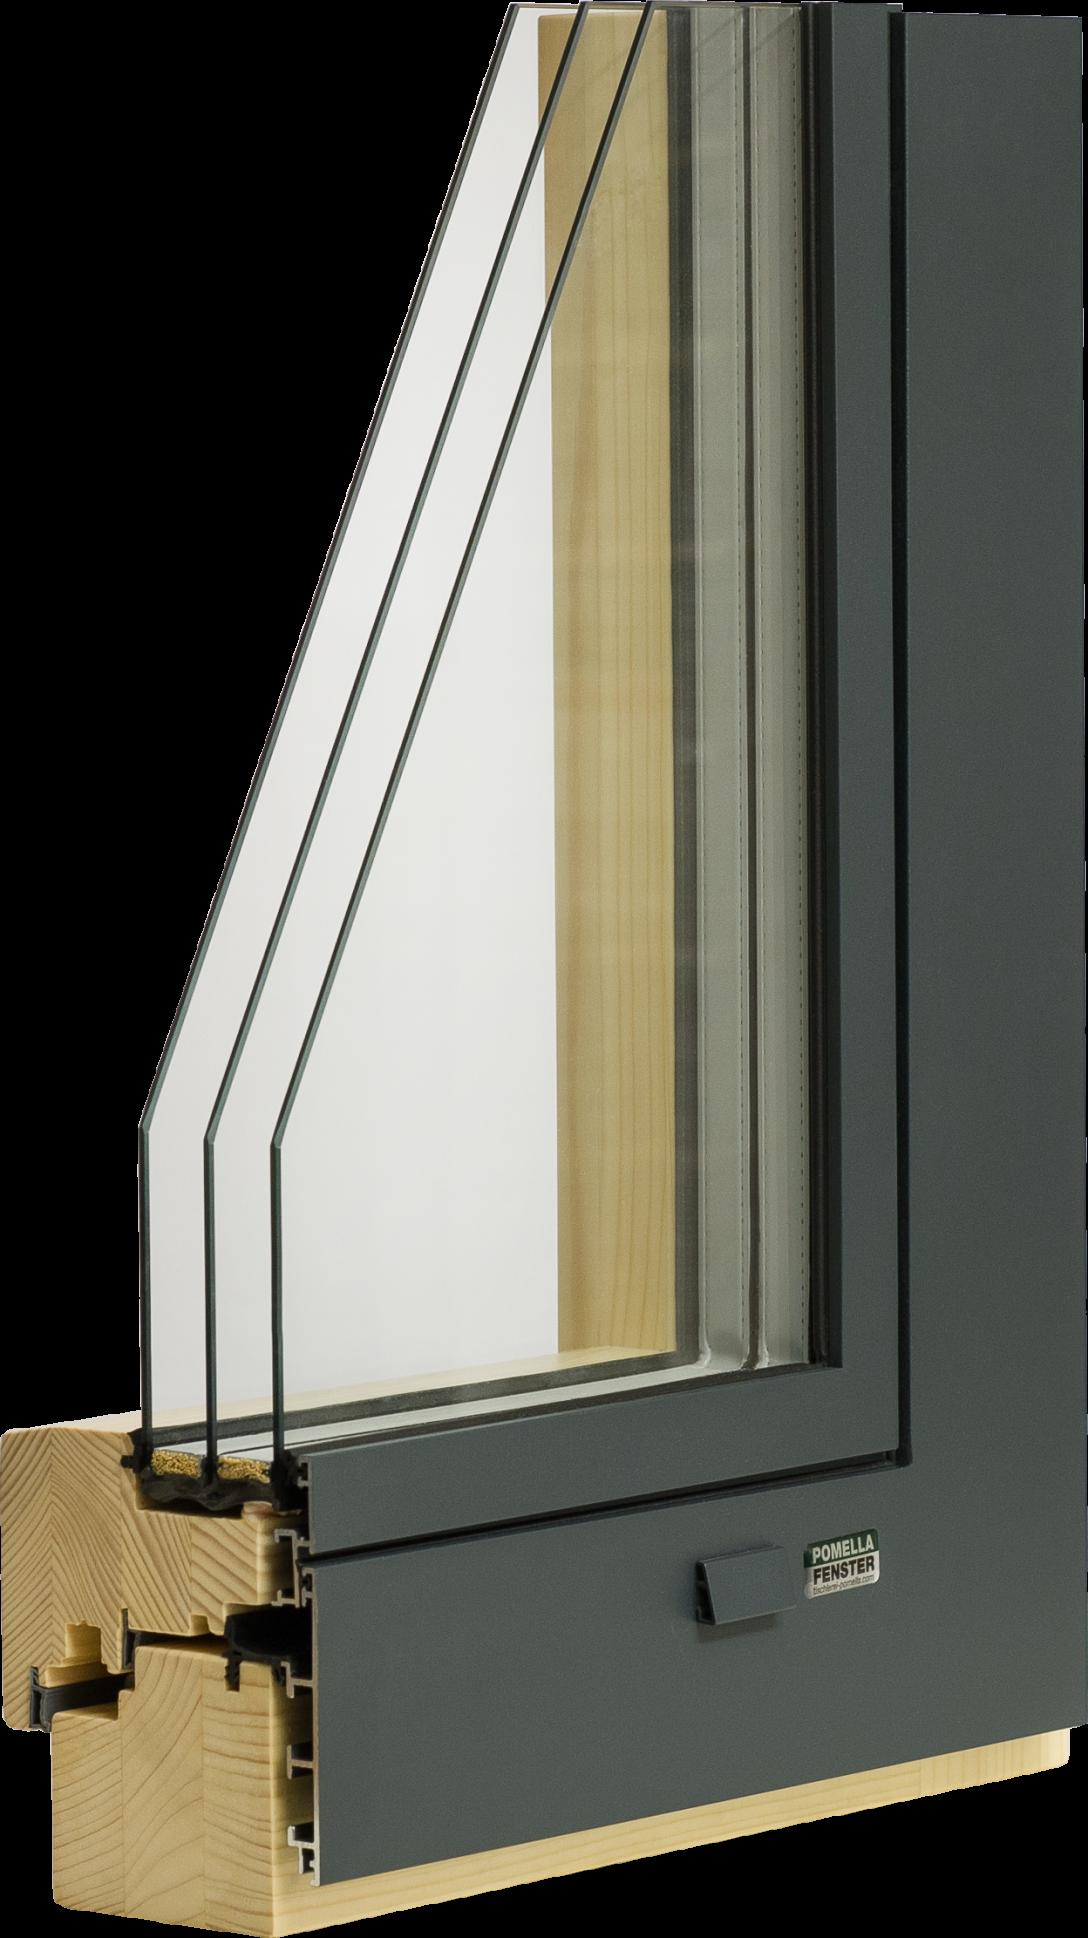 Large Size of Holz Alu Fenster Mit 3 Fach Verglasung Auen Flchenbndig Bauhaus Zwangsbelüftung Nachrüsten Sonnenschutzfolie Innen Insektenschutzgitter Kbe Klebefolie Polen Fenster Alu Fenster